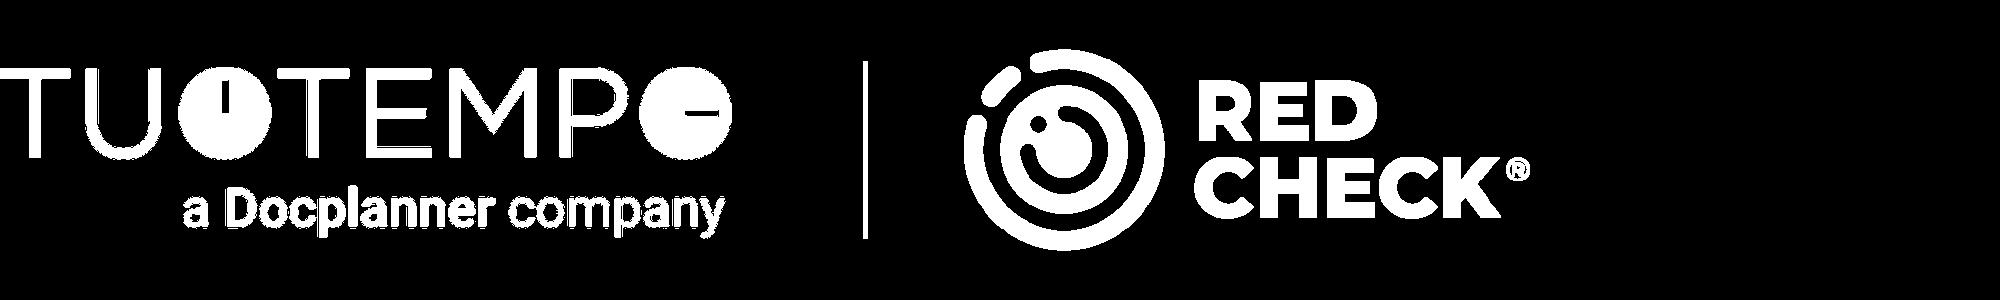 [NEW] Header LP Logos - Parceiros TuoTempo REDCHECK